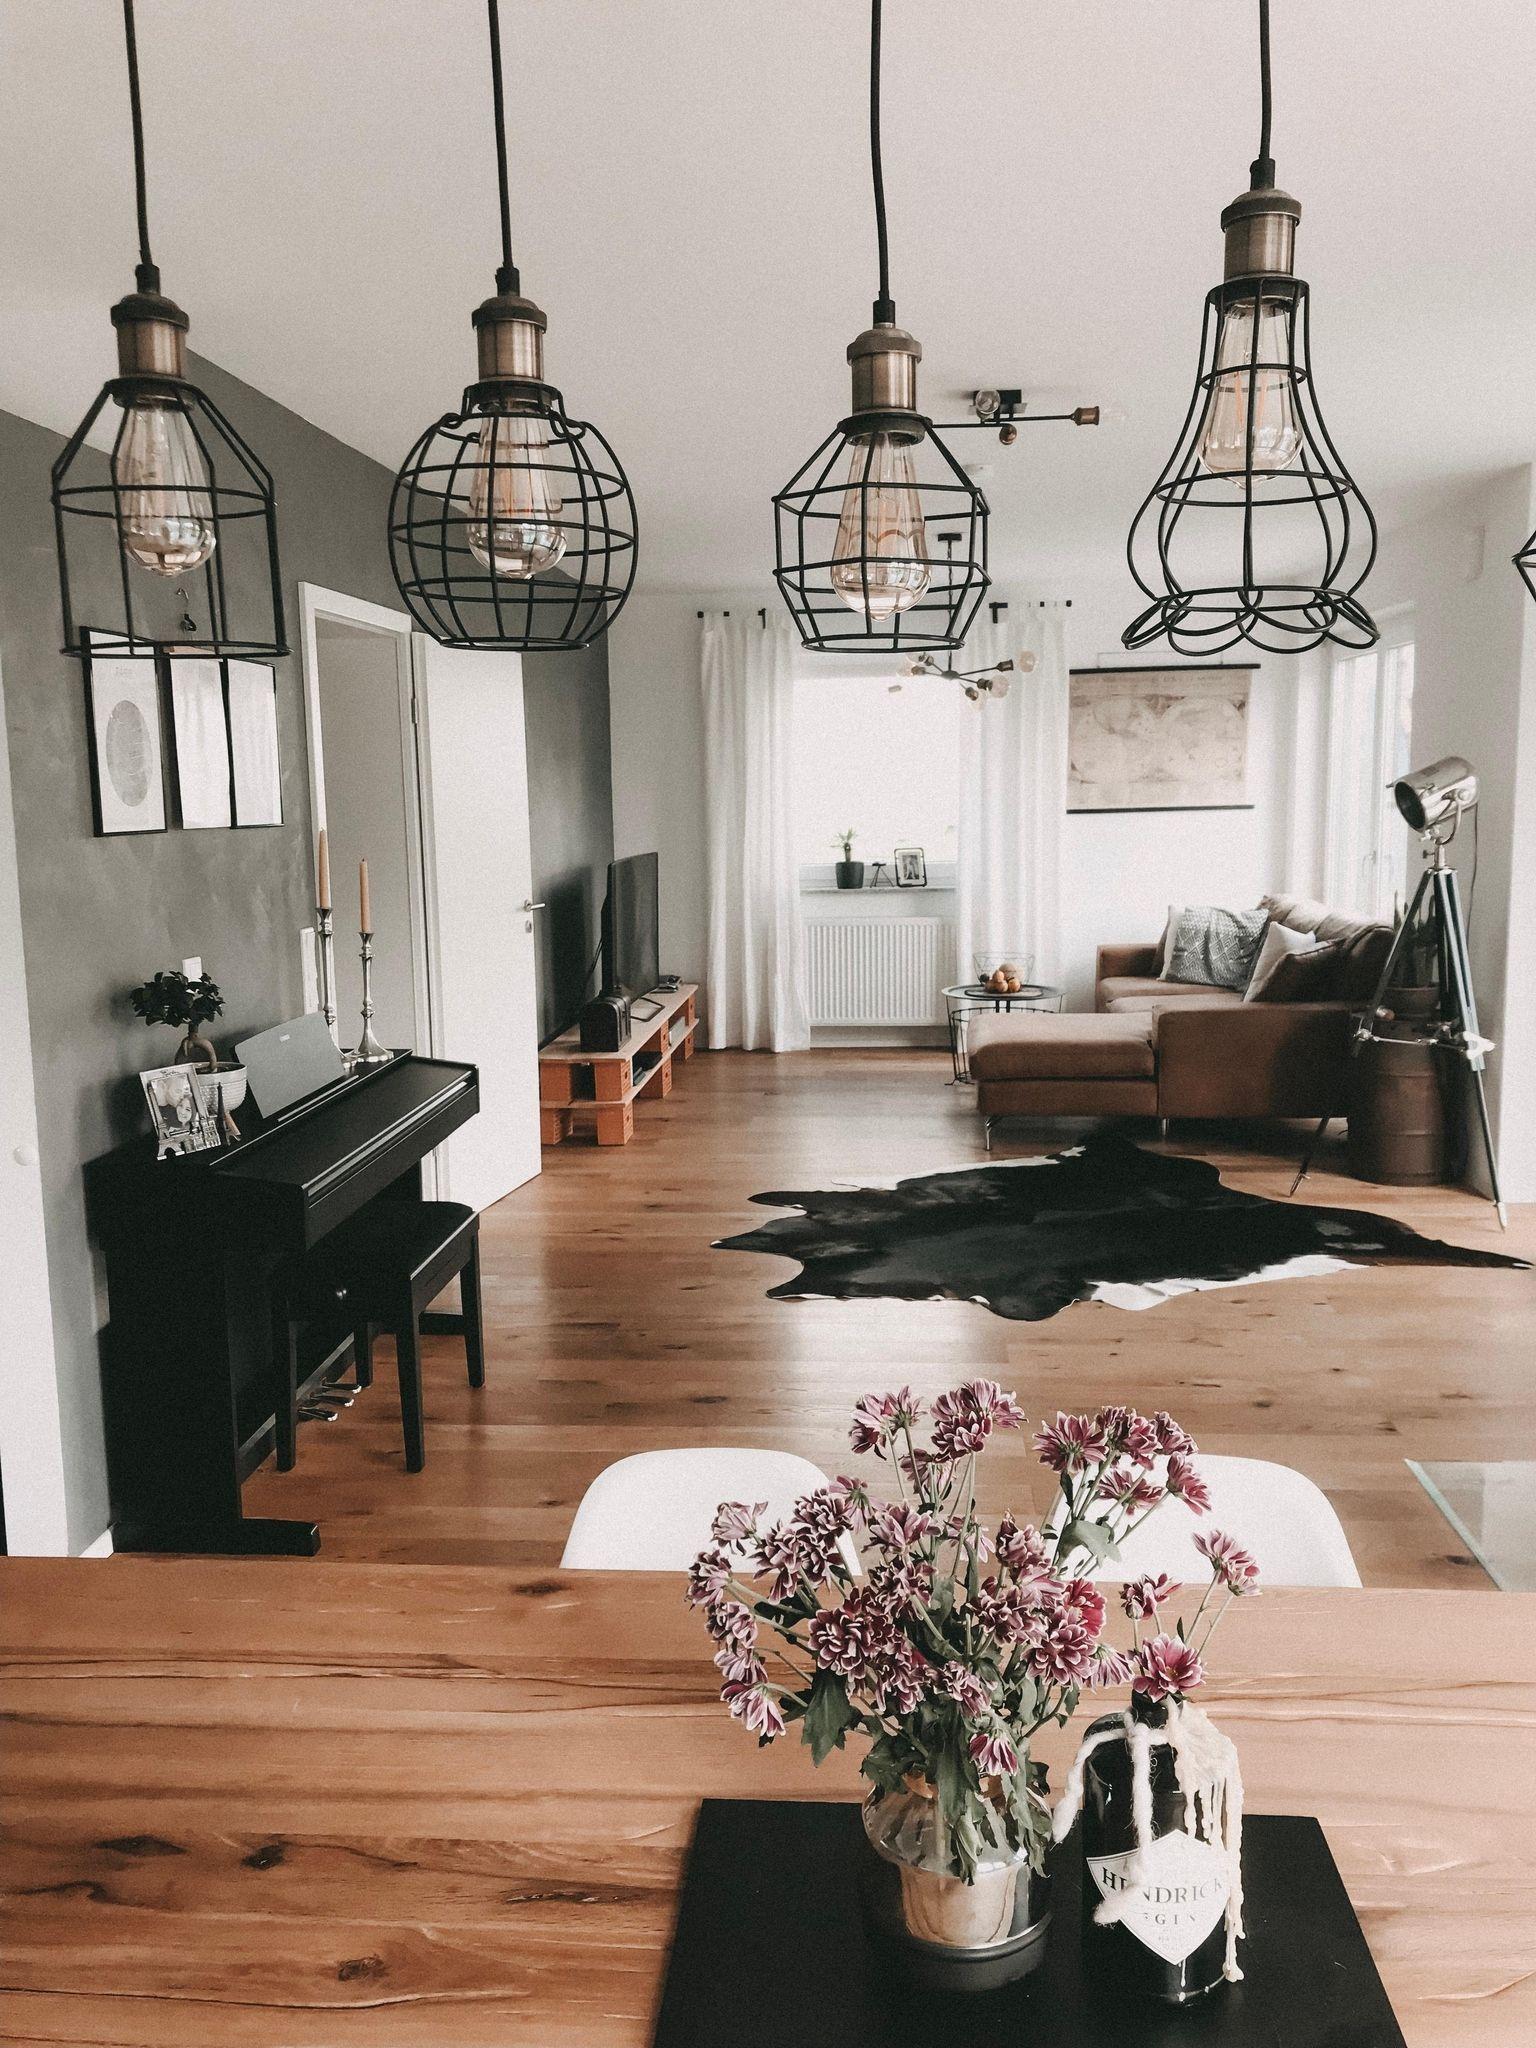 Industrial Interior Livingroom Inspiration Vint Wohnung Innenarchitektur Industrie Stil Inneneinrichtung Wohnzimmer Ideen Wohnung